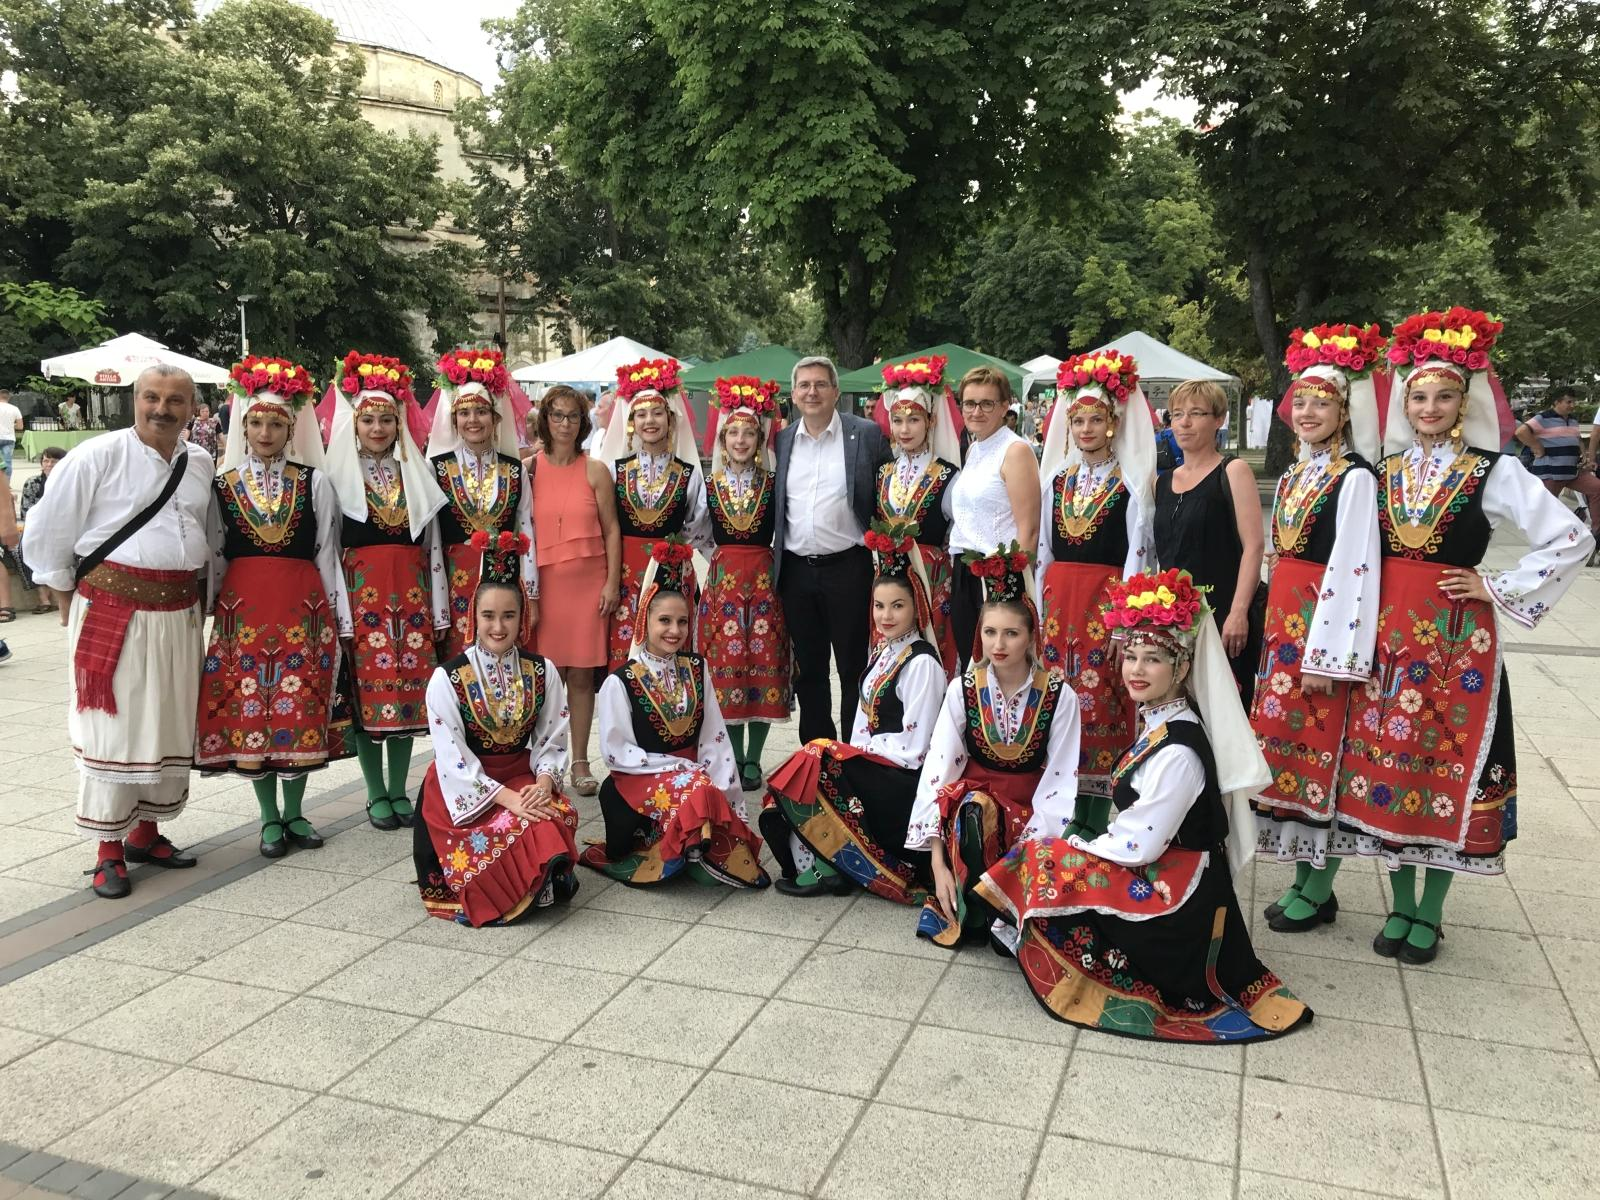 Hortse Razgrad